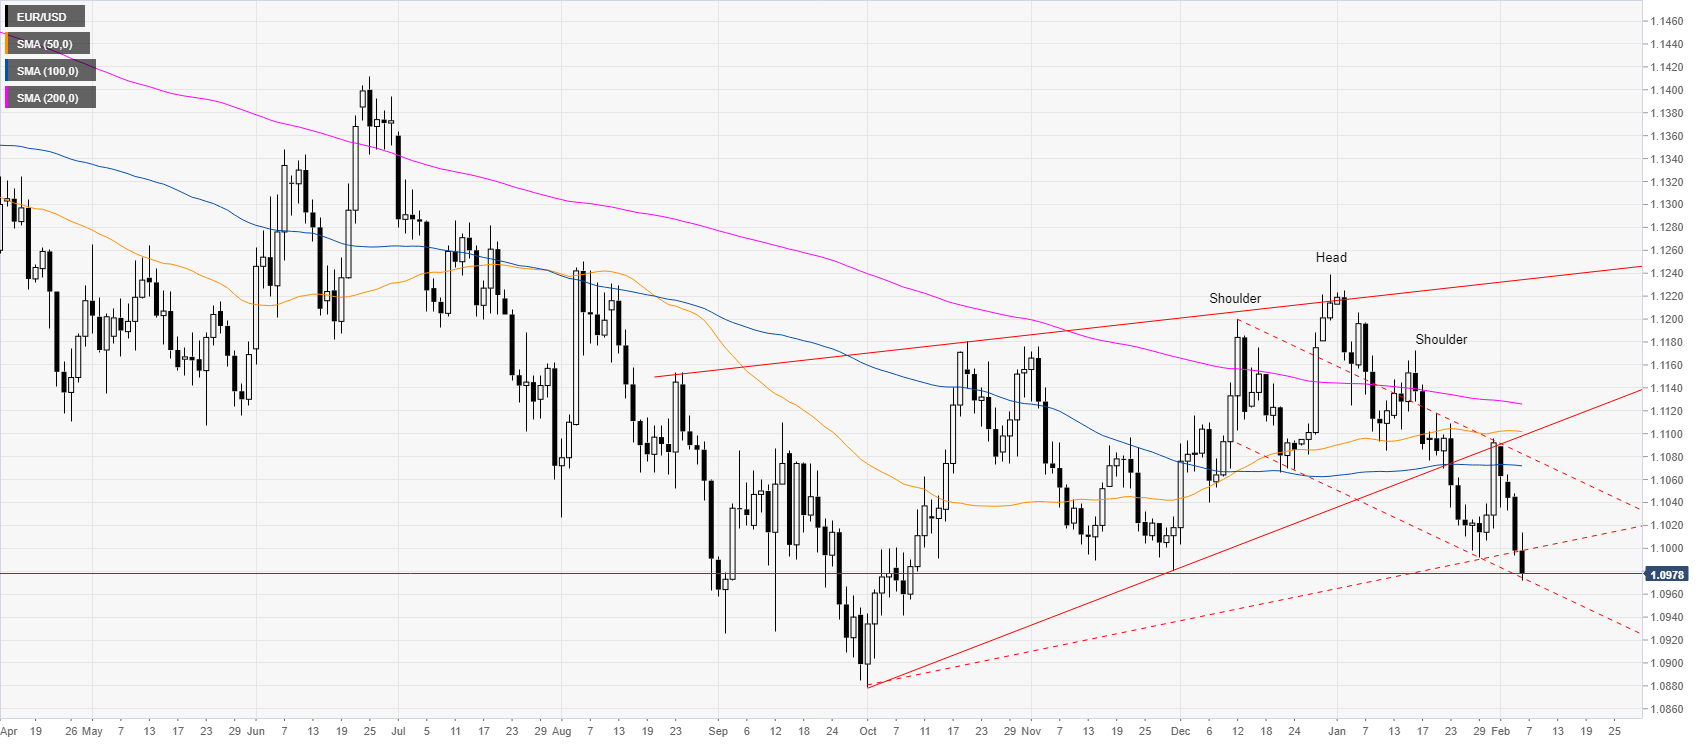 اليورو يهبط إلى أدنى مستوياته في أربعة أشهر ، ويتداول دون رقم 1.1000